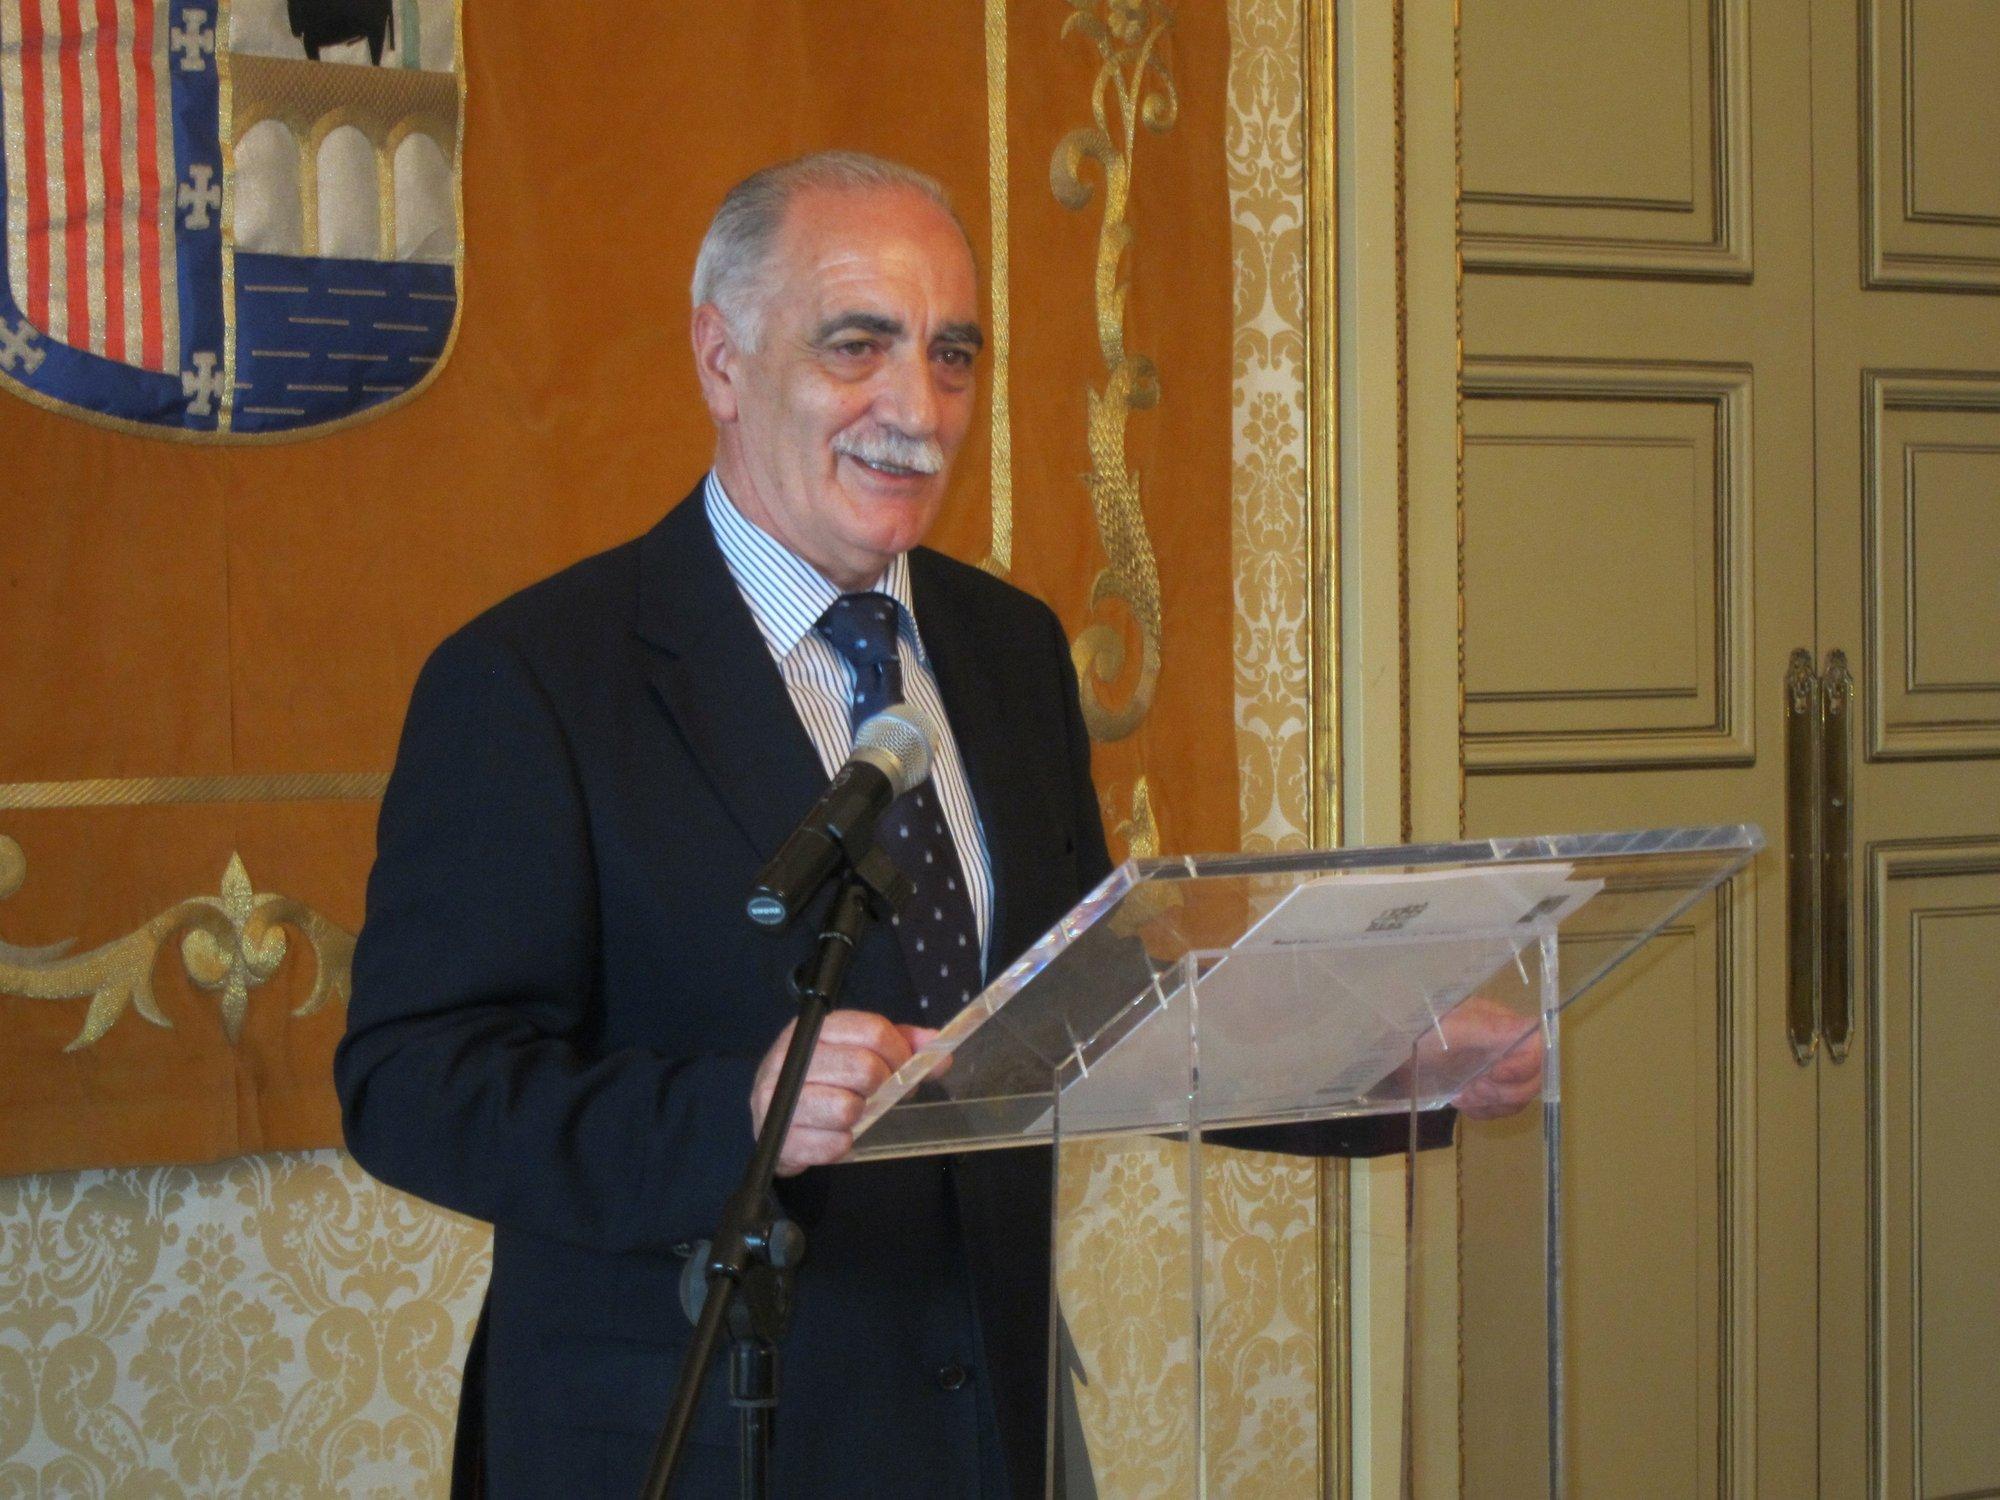 El presidente de la RFEC confía en que Salamanca sea sede de la presentación de la ropa olímpica